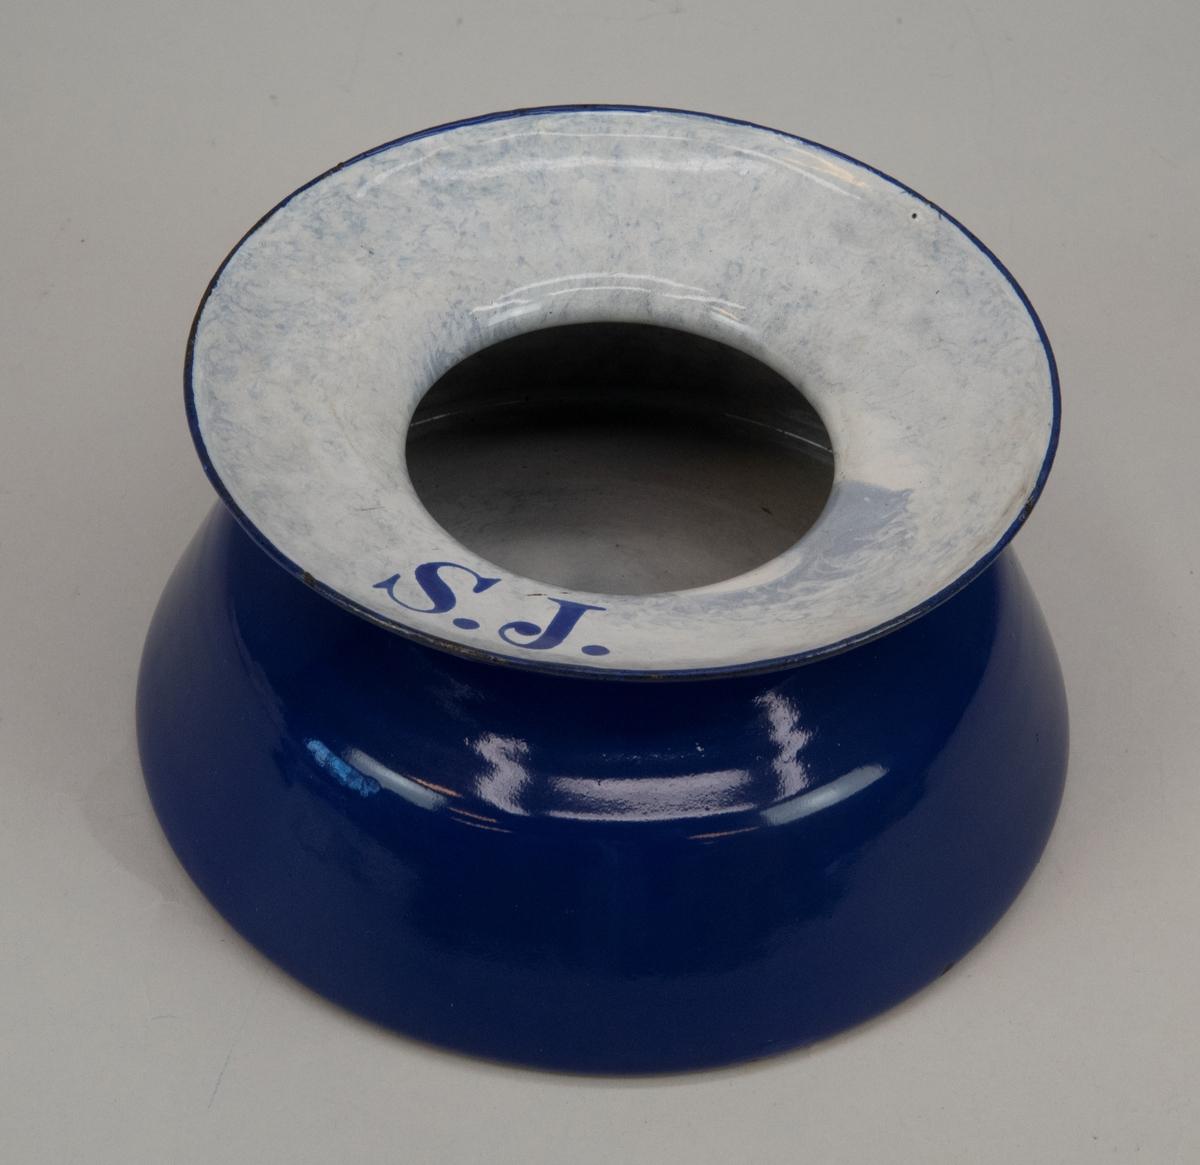 Spottkopp av emaljerad plåt. Blå med vit insida.  SJ med blå text på den vita kanten.